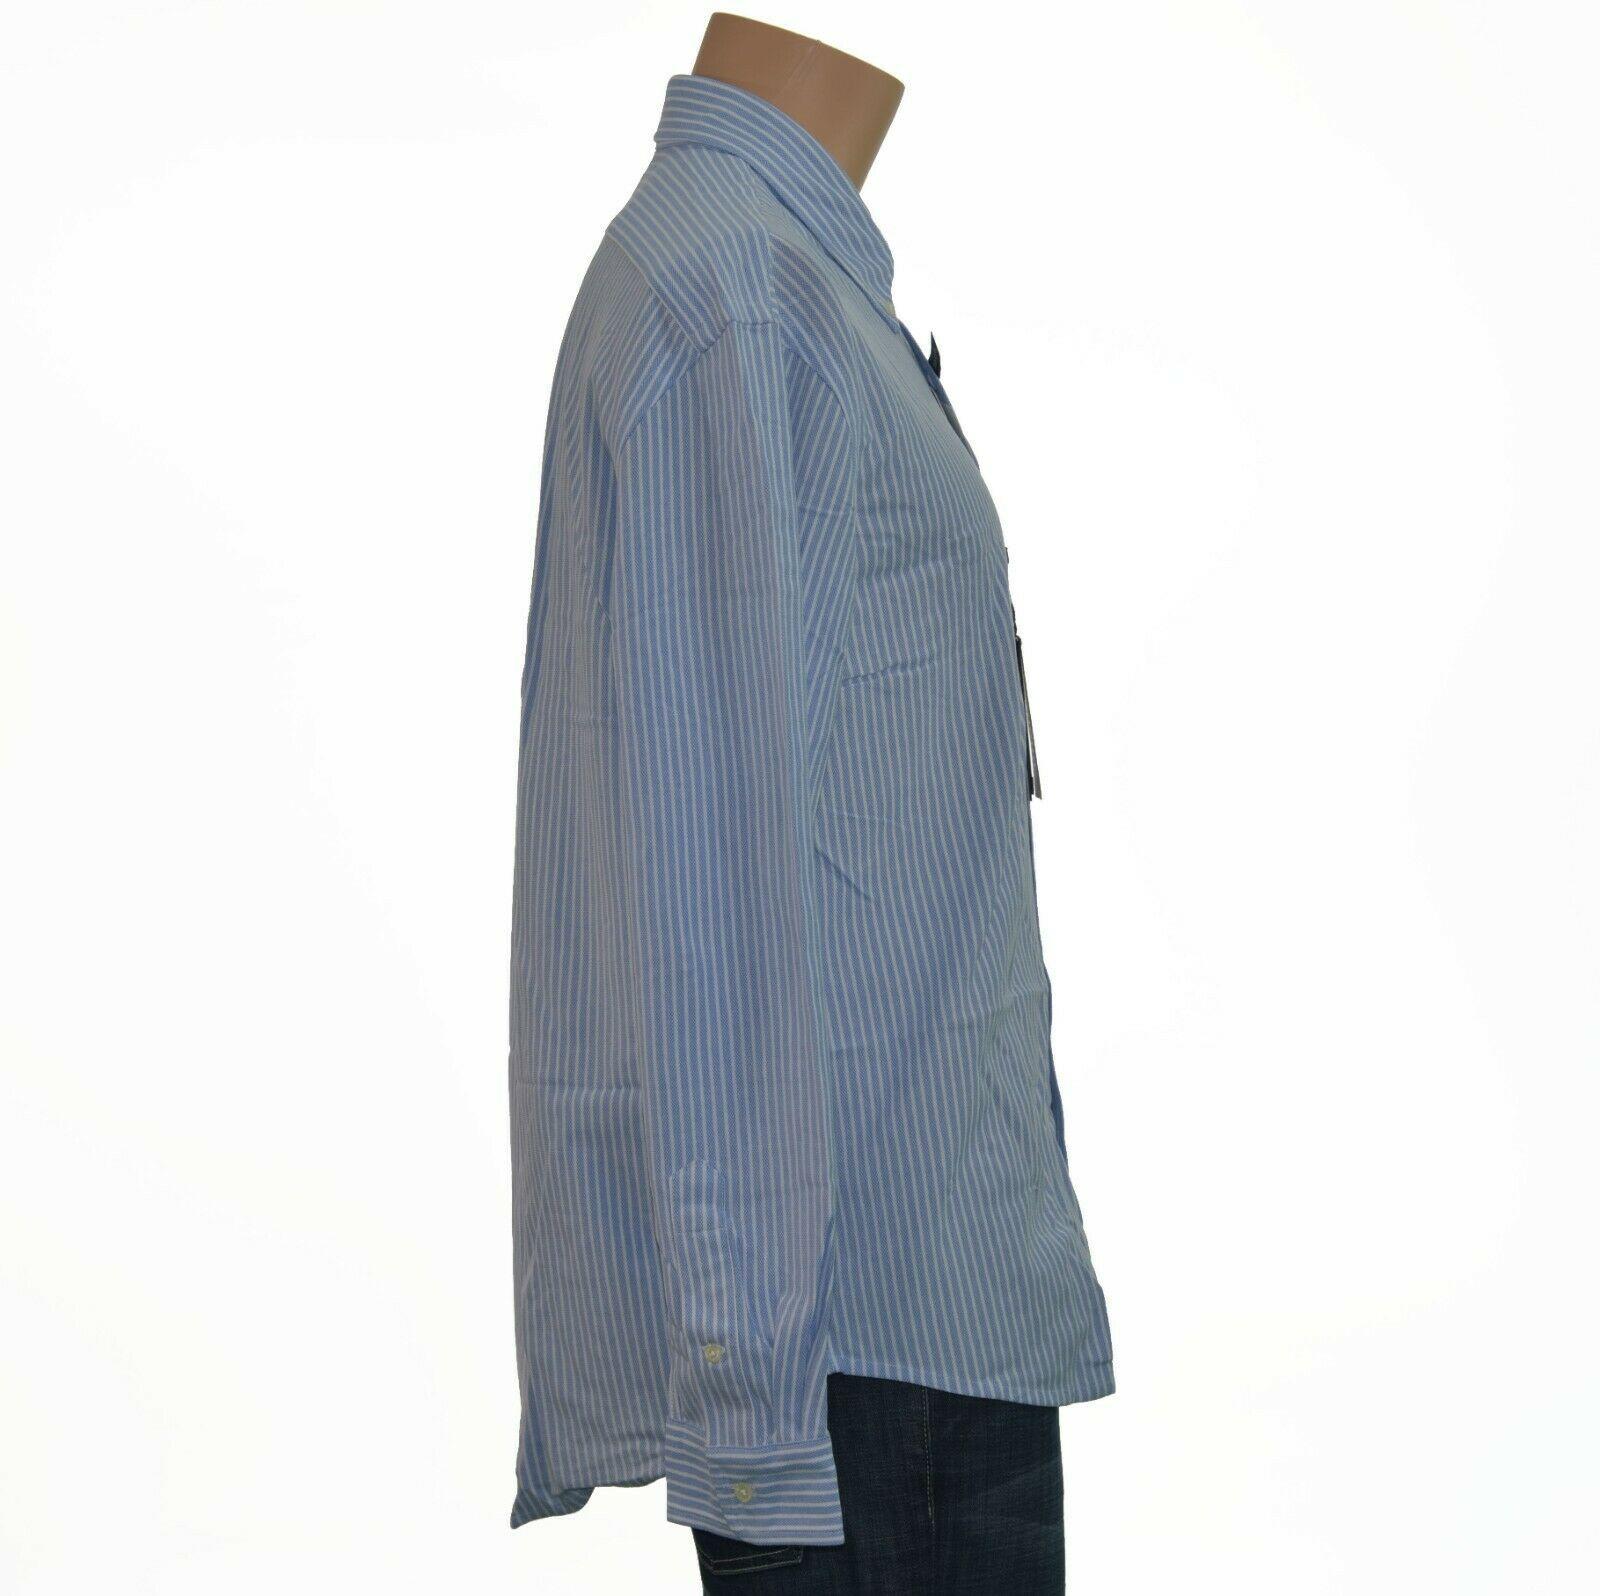 NEW! Ralph Lauren Knit Oxford Mens Sz XL Super Soft L/S Button Front MSRP $98.50